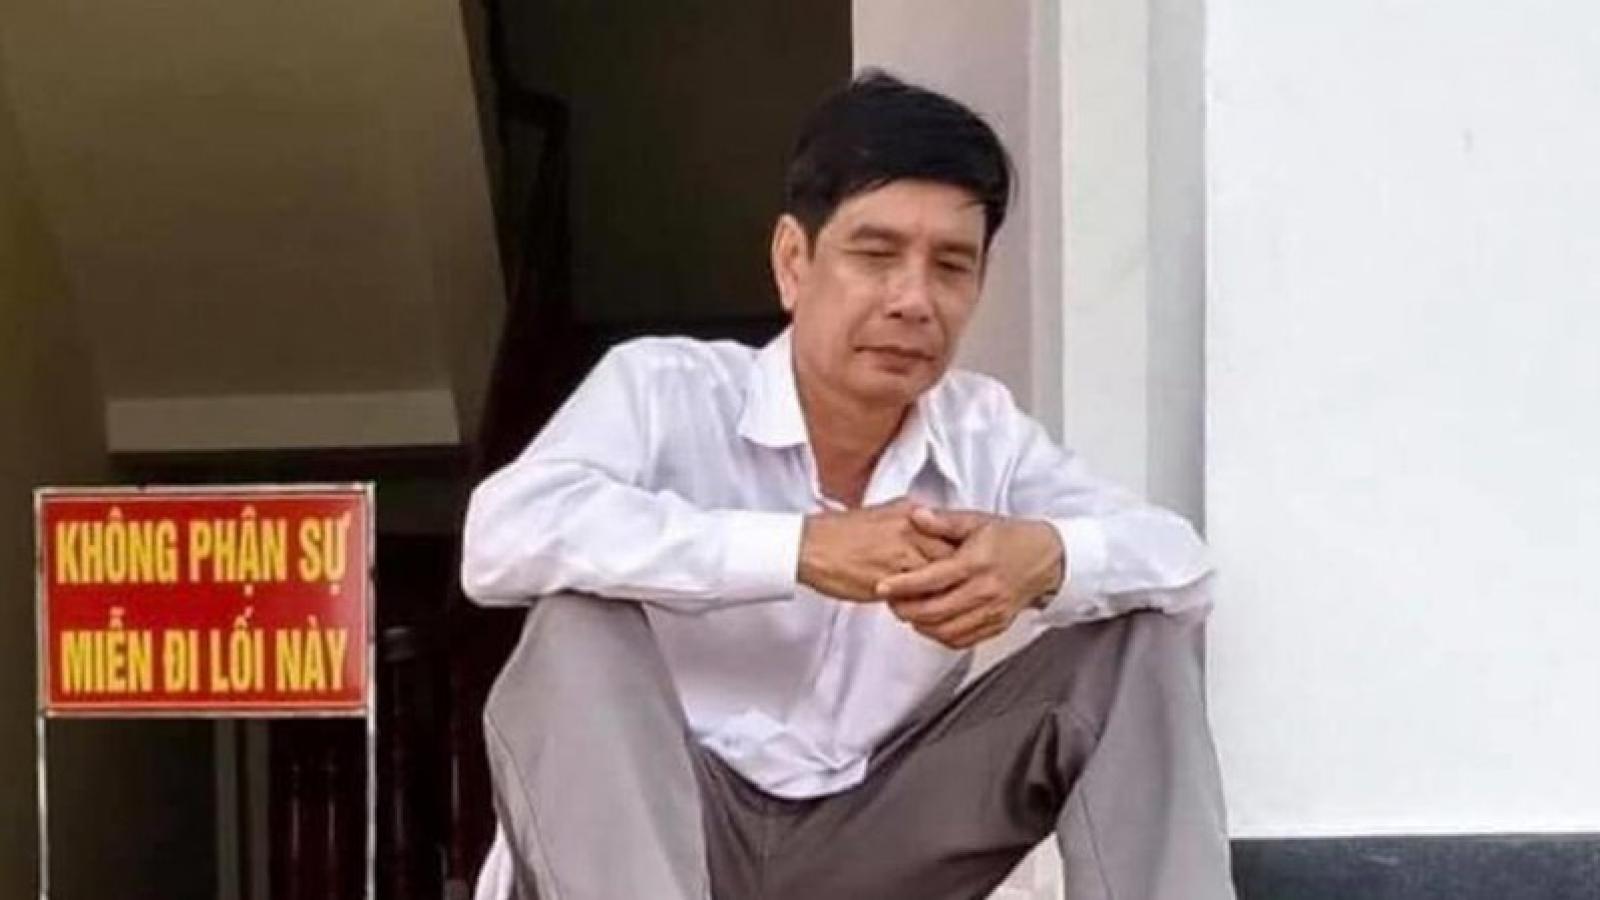 Vụ ông Lương Hữu Phước tự tử: Gia đình mong muốn tòa xét xử công tâm